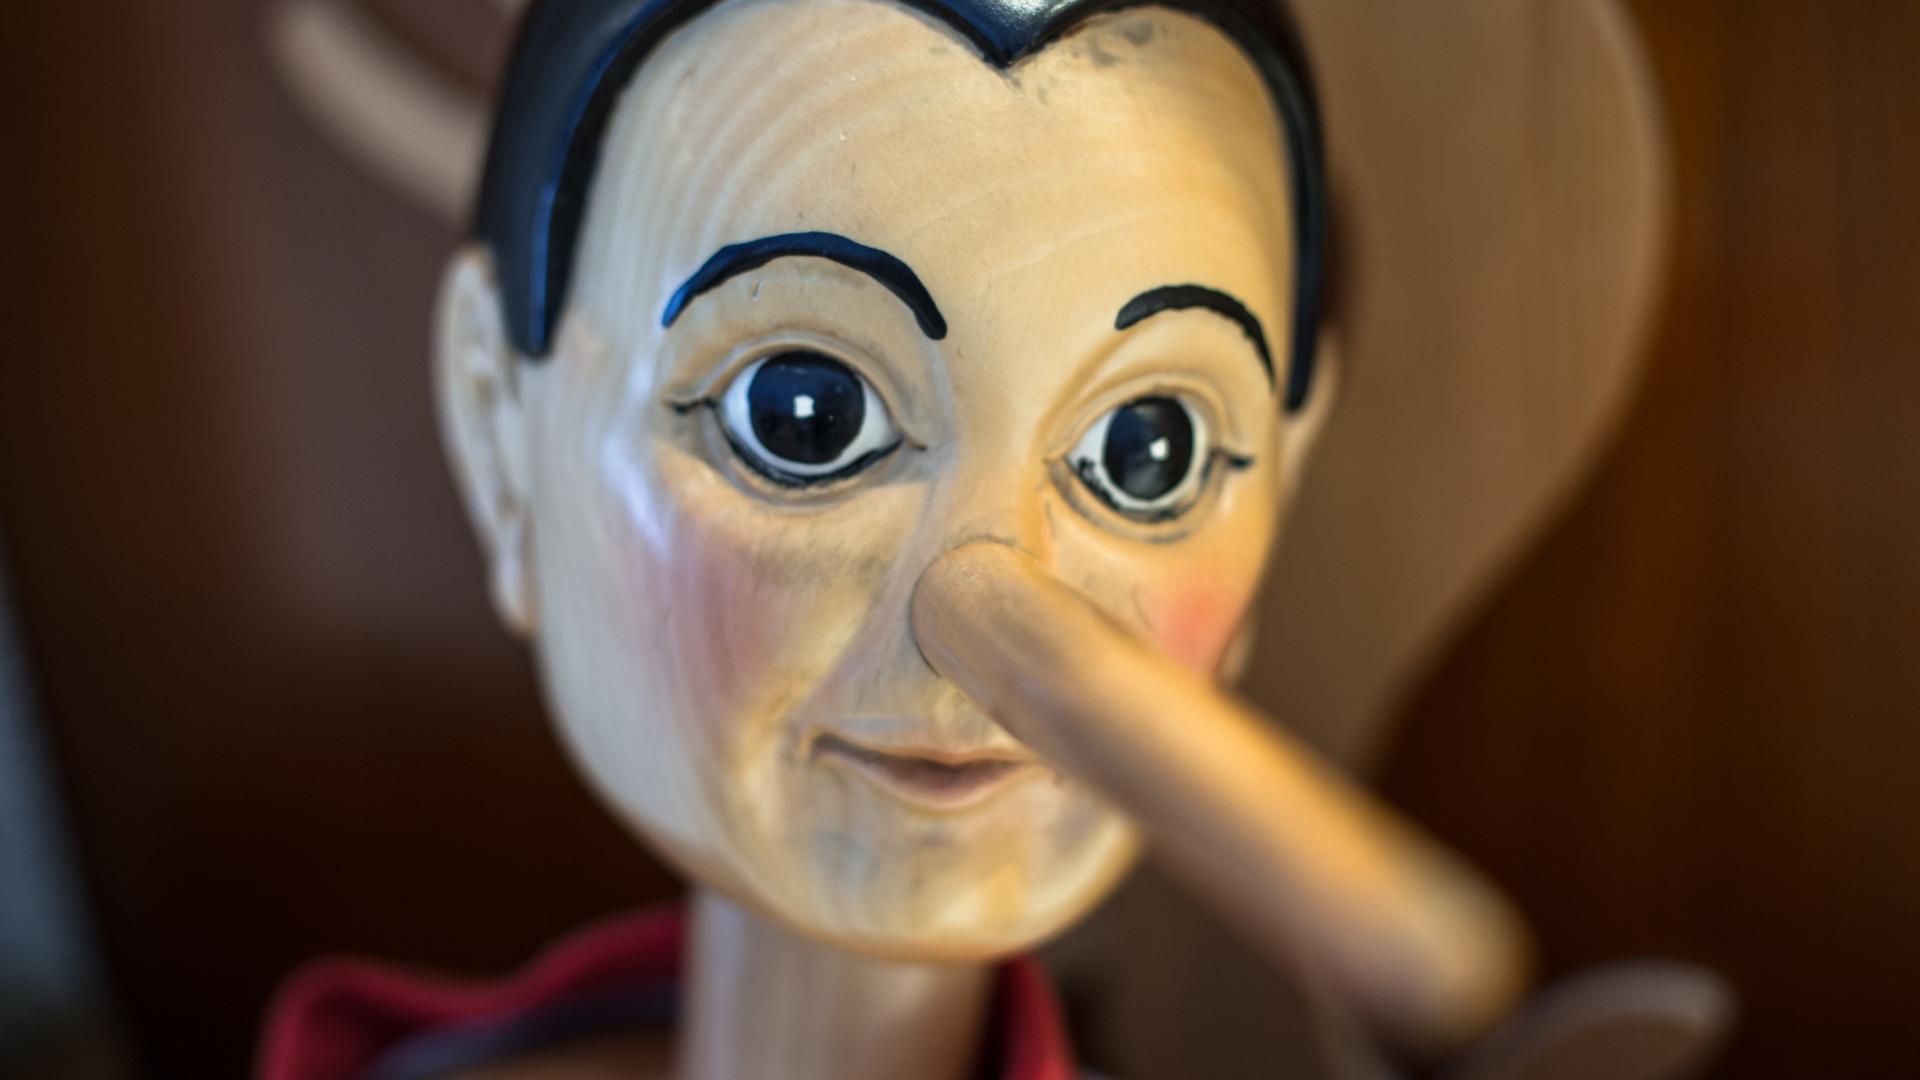 Pinocchio Puppe lüge unwahrheit